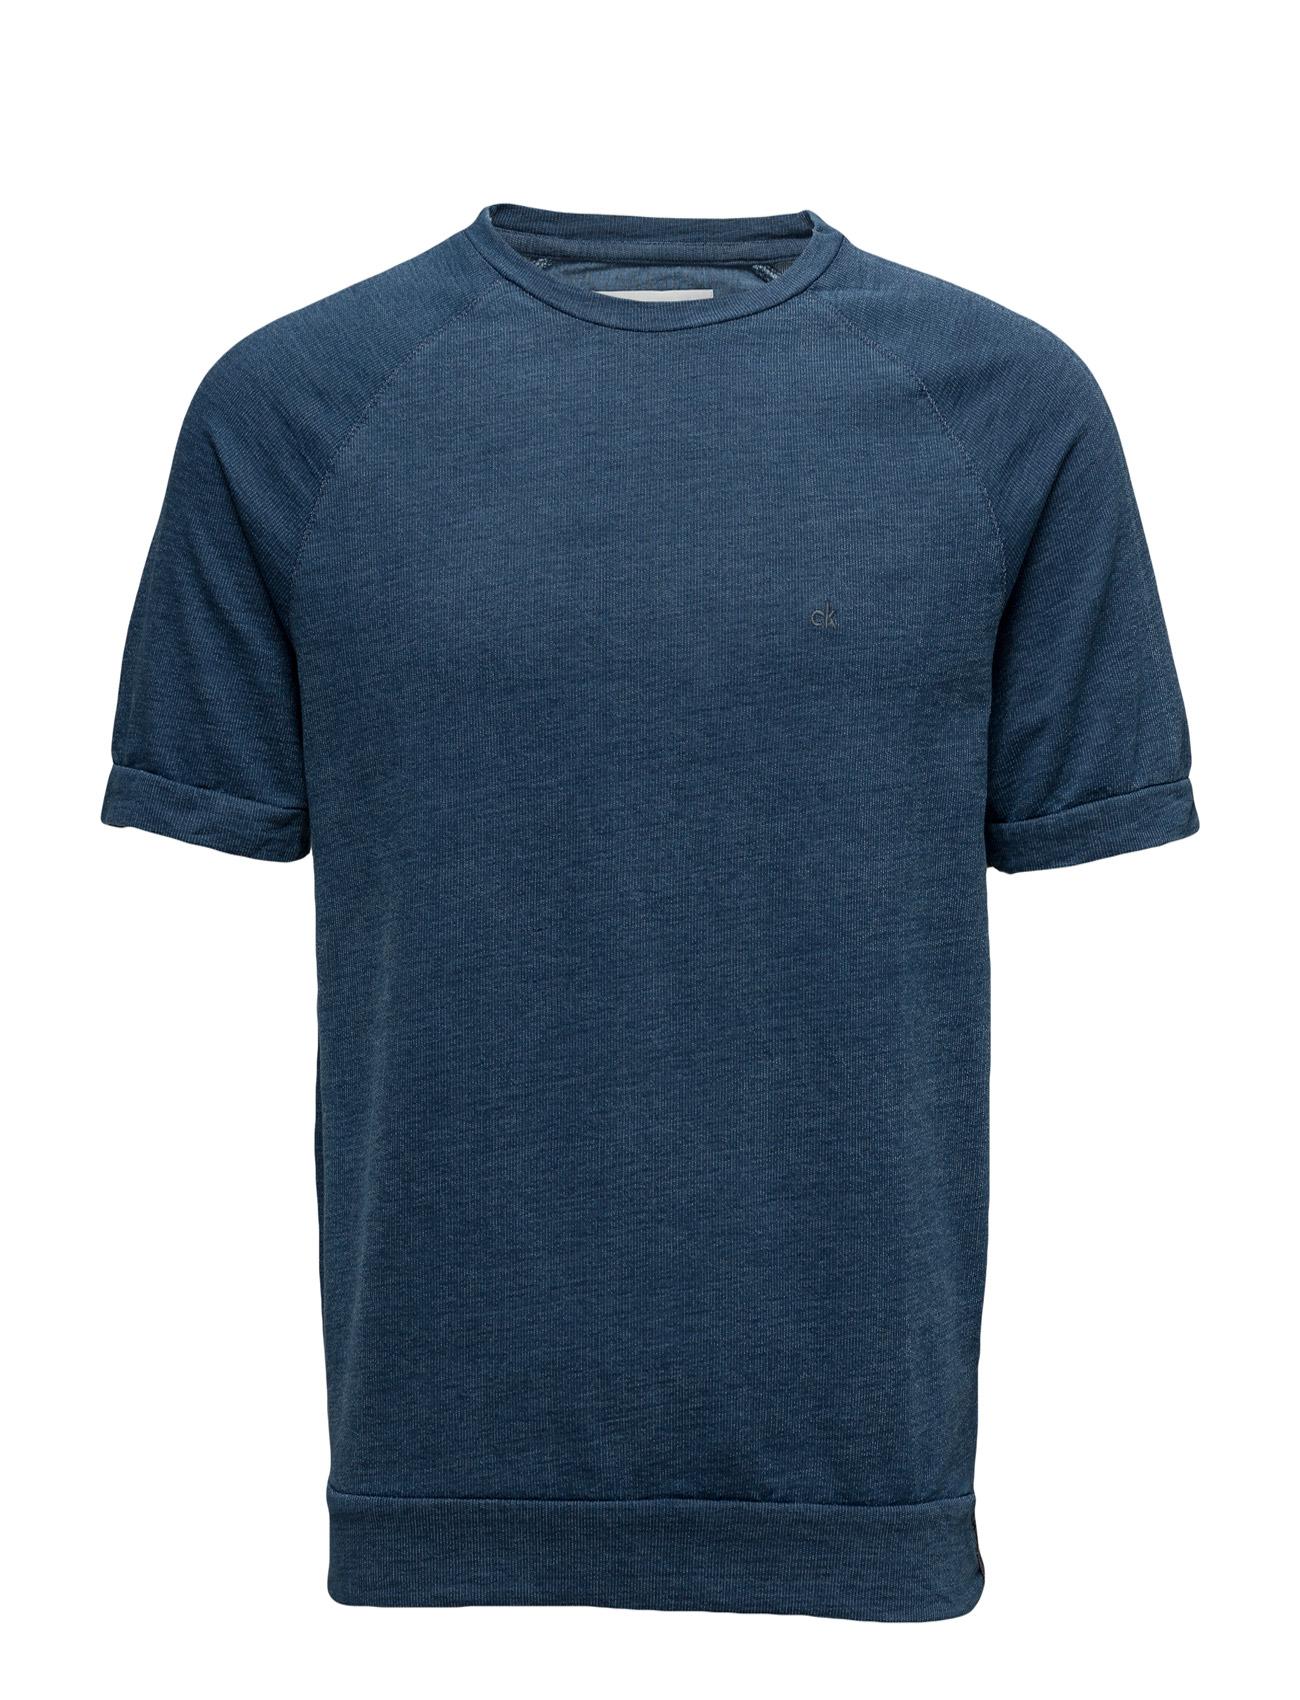 Jenron Cn Hknit S/S Calvin Klein Jeans Kortærmede til Mænd i Blå